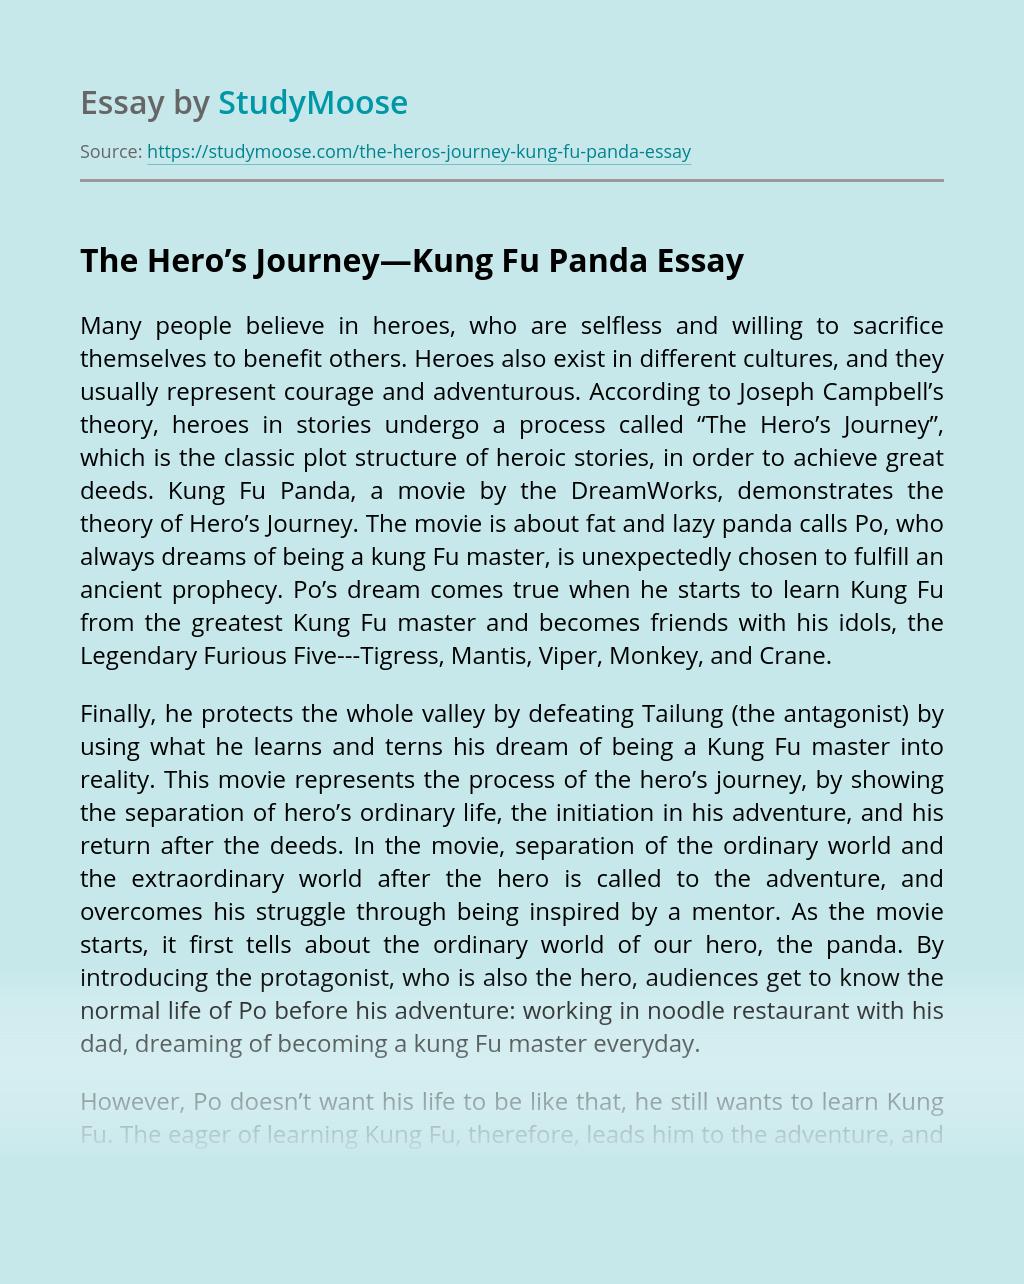 The Hero's Journey—Kung Fu Panda